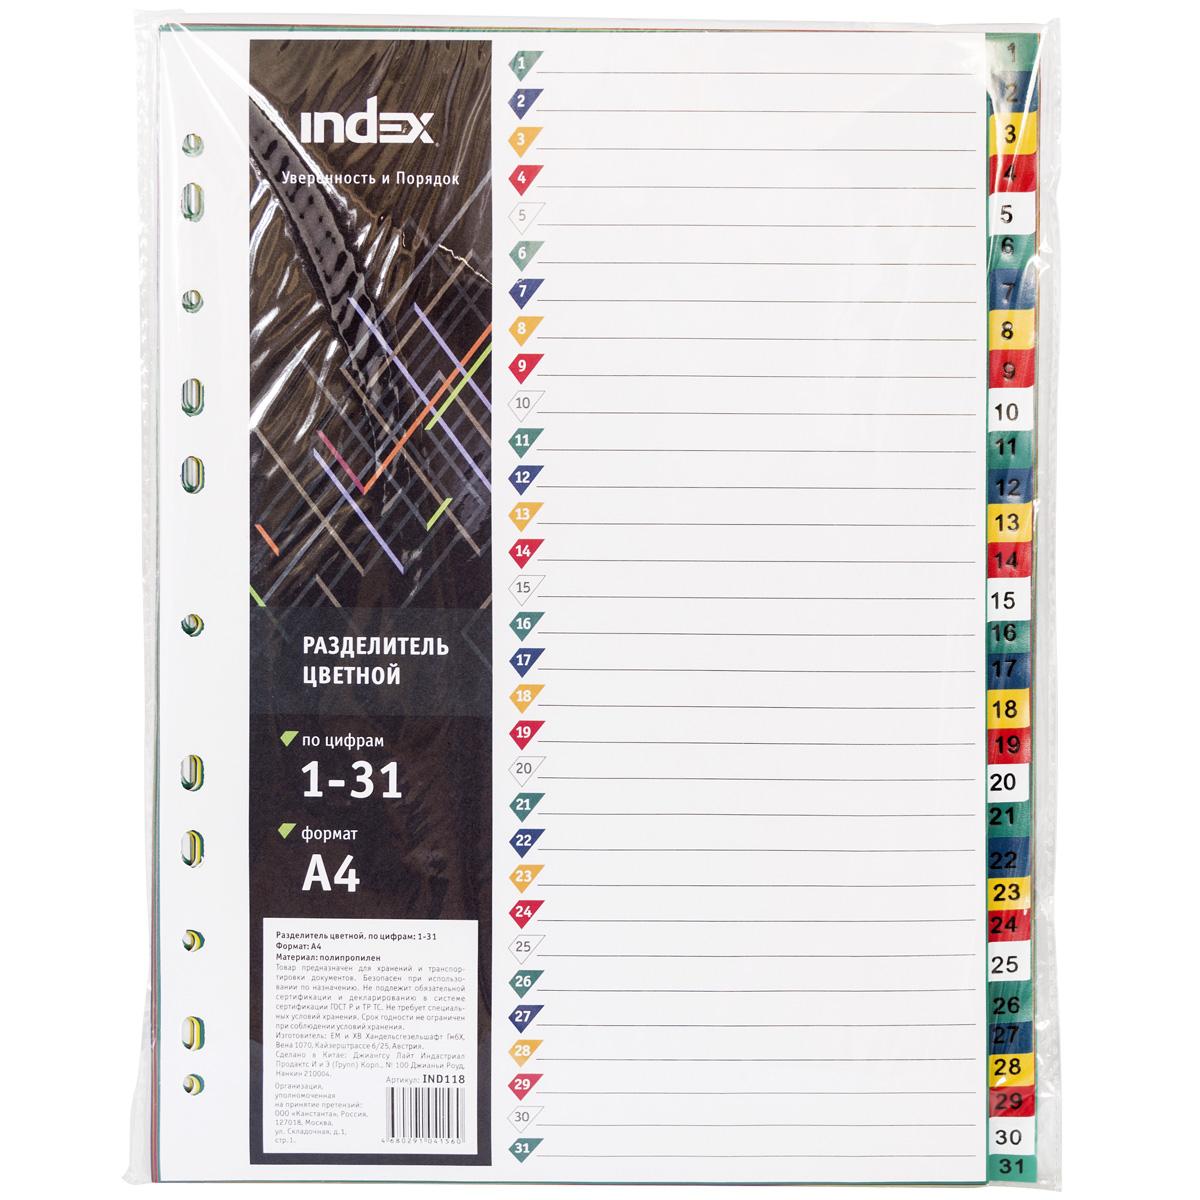 Index Разделитель цифровой 1-31 А4